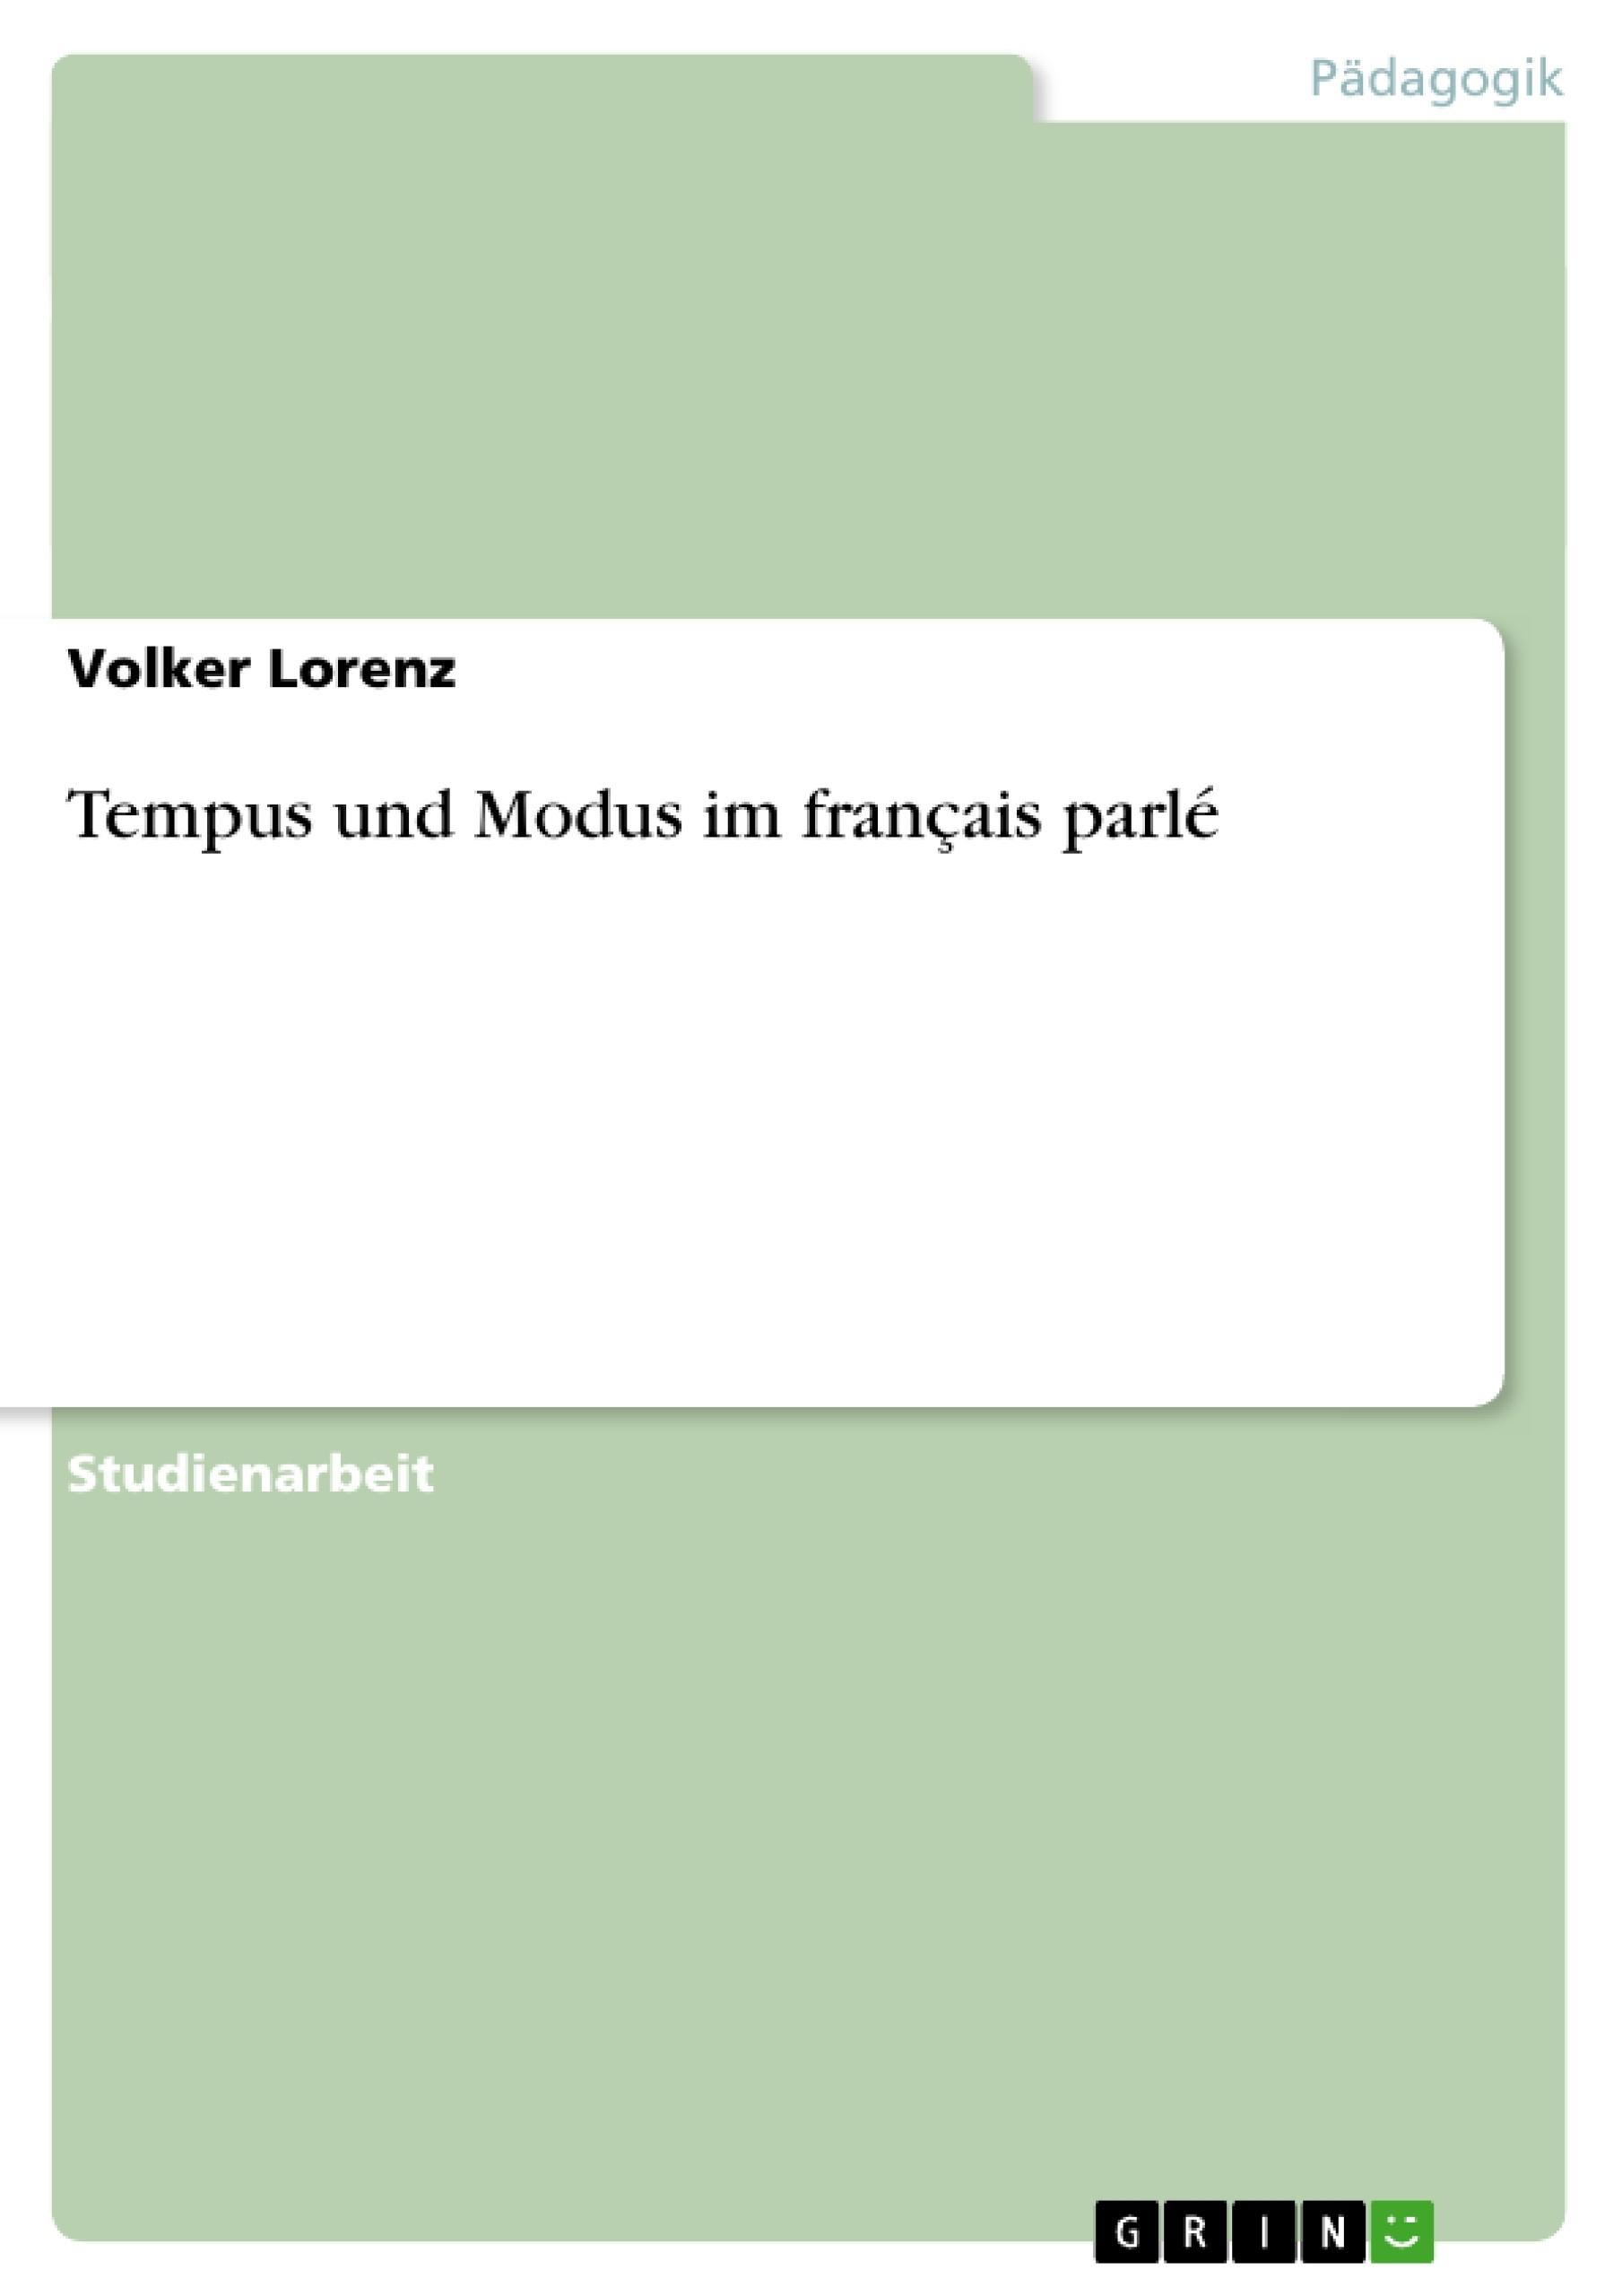 Titel: Tempus und Modus im français parlé